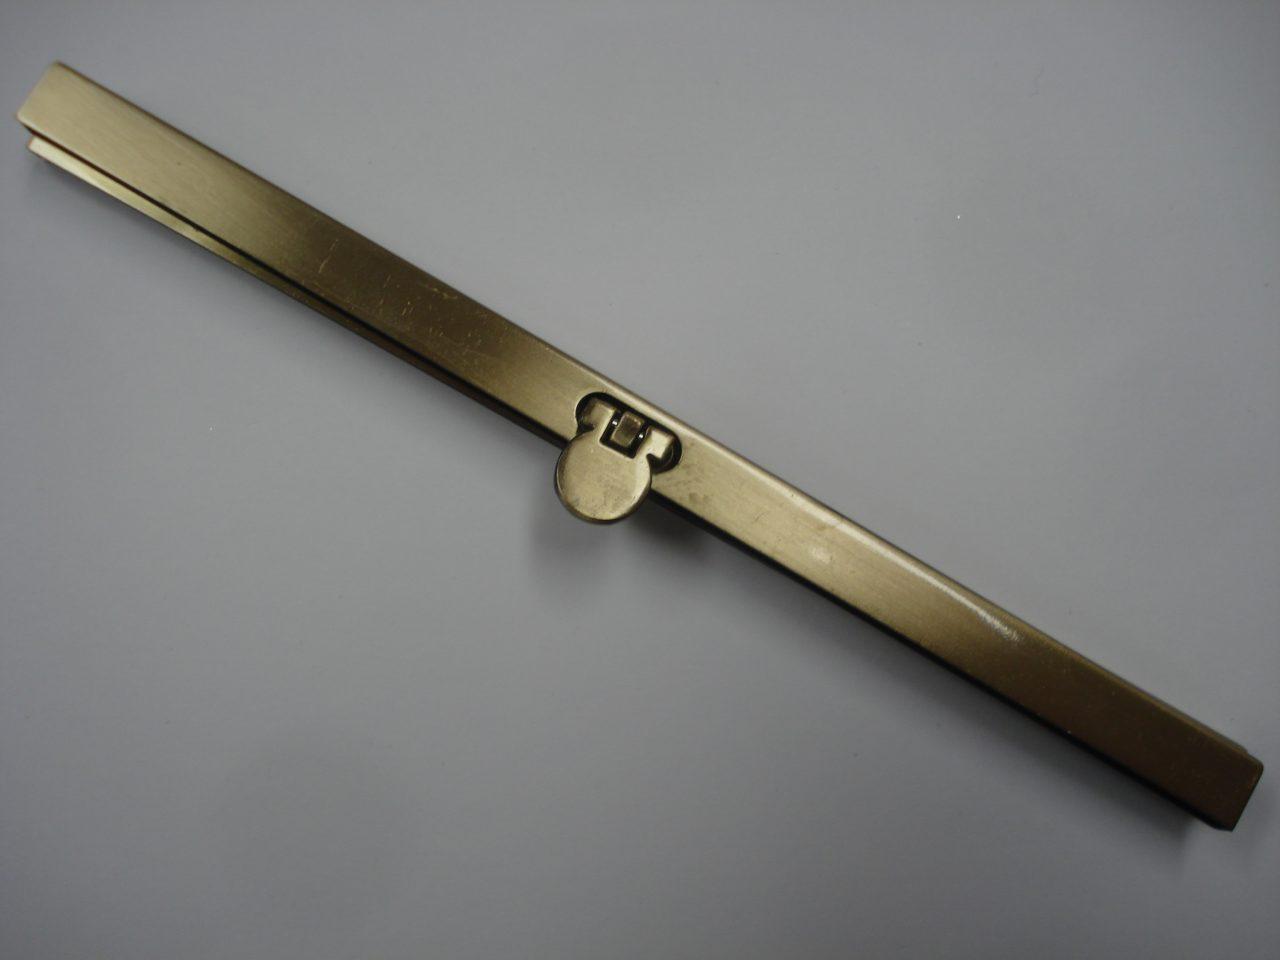 Beursbeugel recht mat goud 19cm.